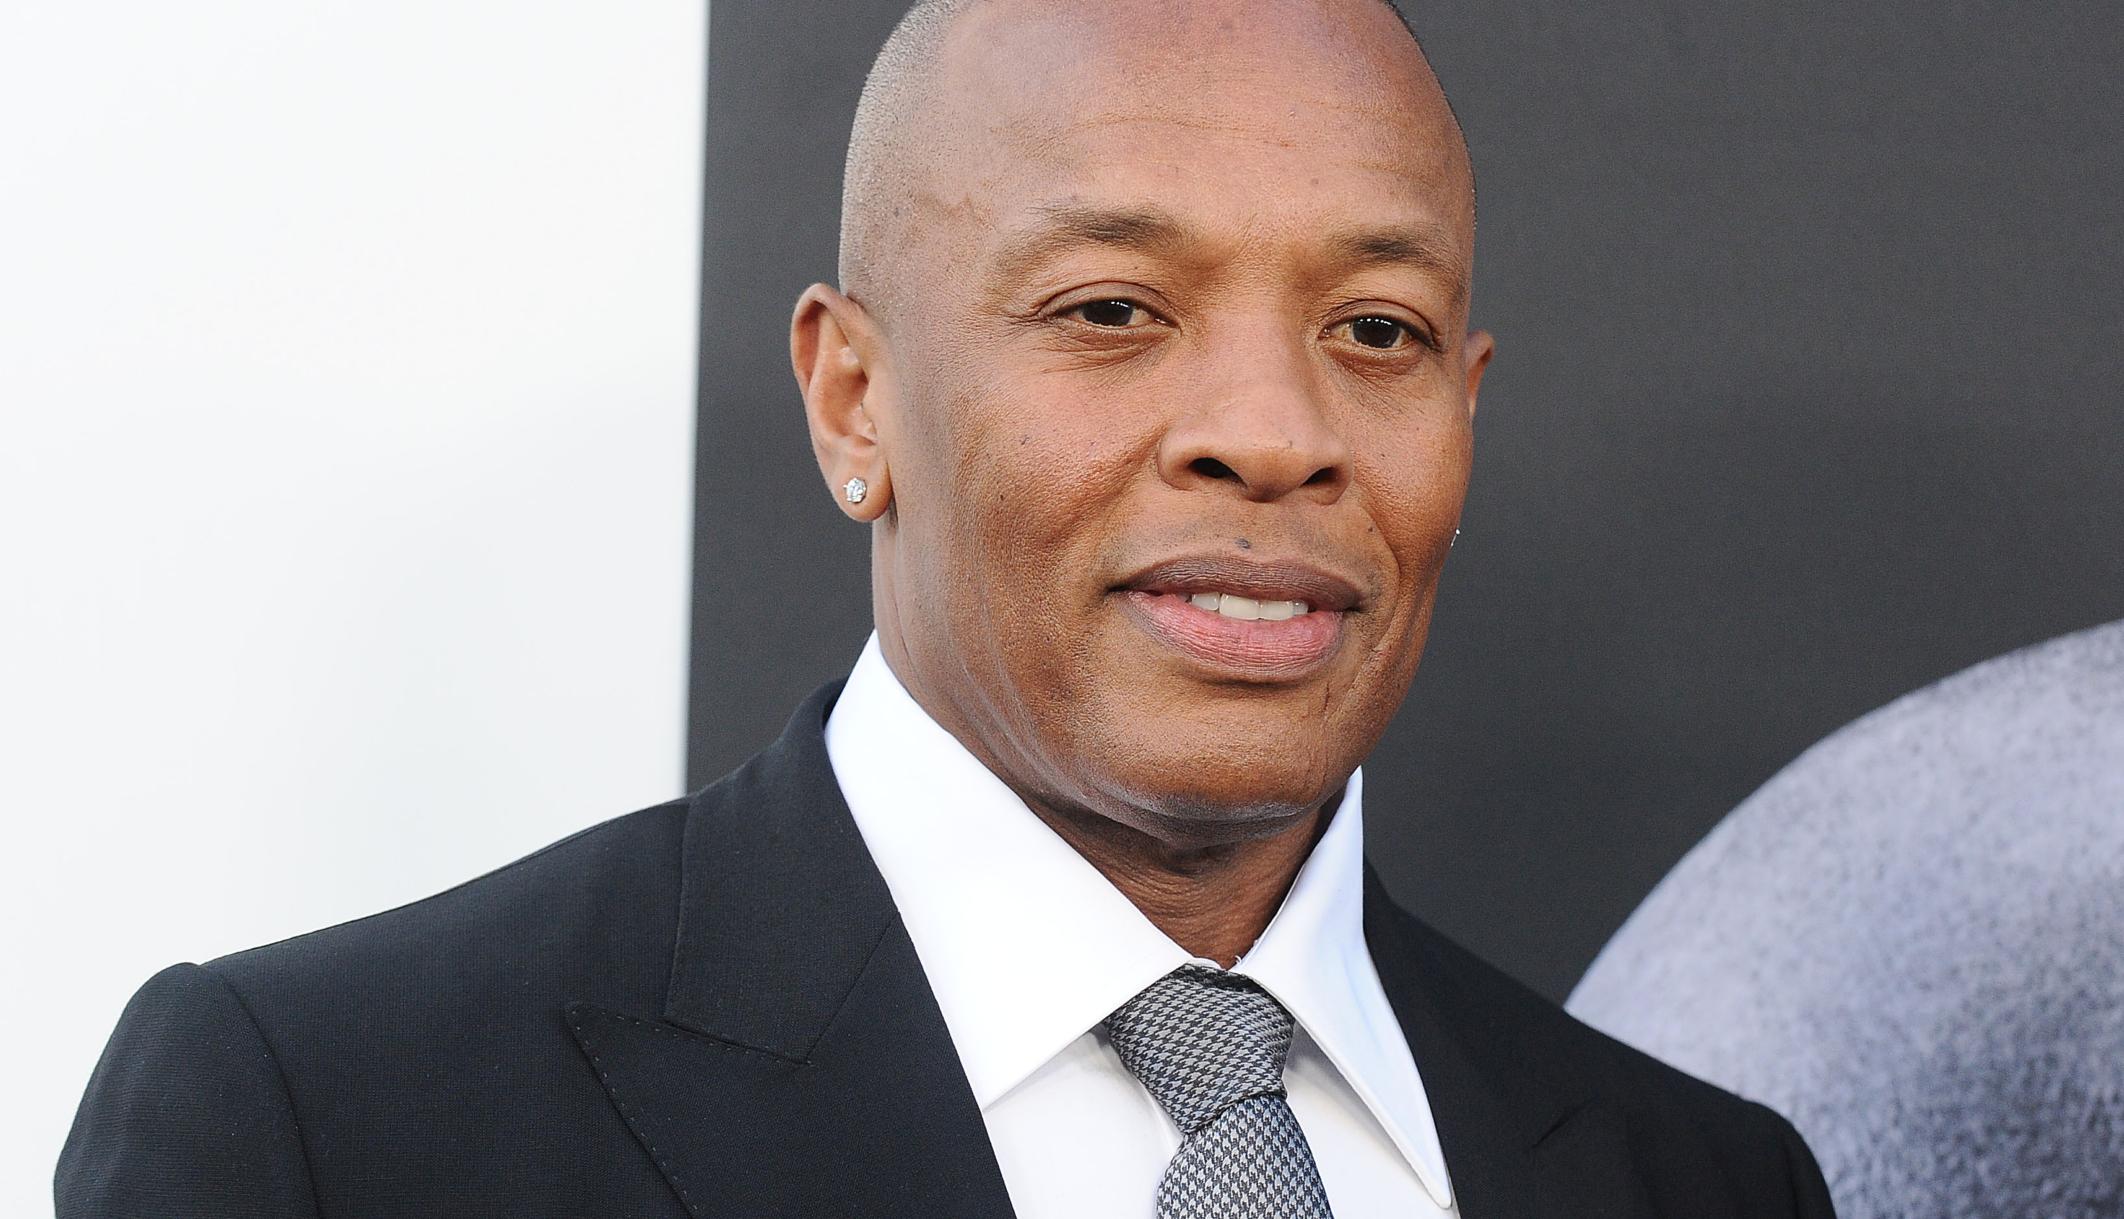 Apple presuntamente abandona la serie de televisión Dr. Dre por violencia armada, uso de drogas y sexo gráfico